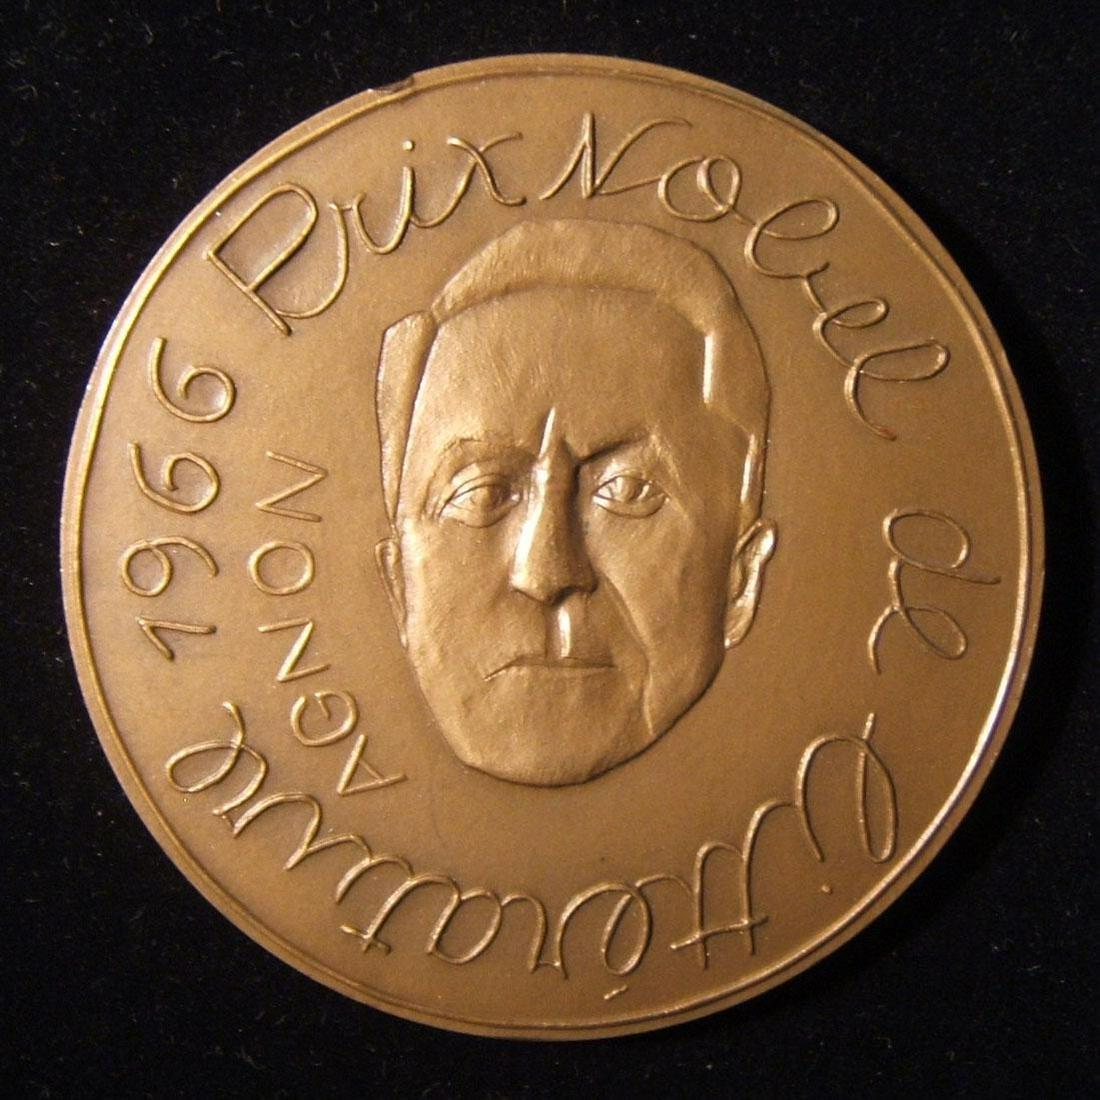 French Shmuel Yosef Shai Agnon Nobel Prize Judaica